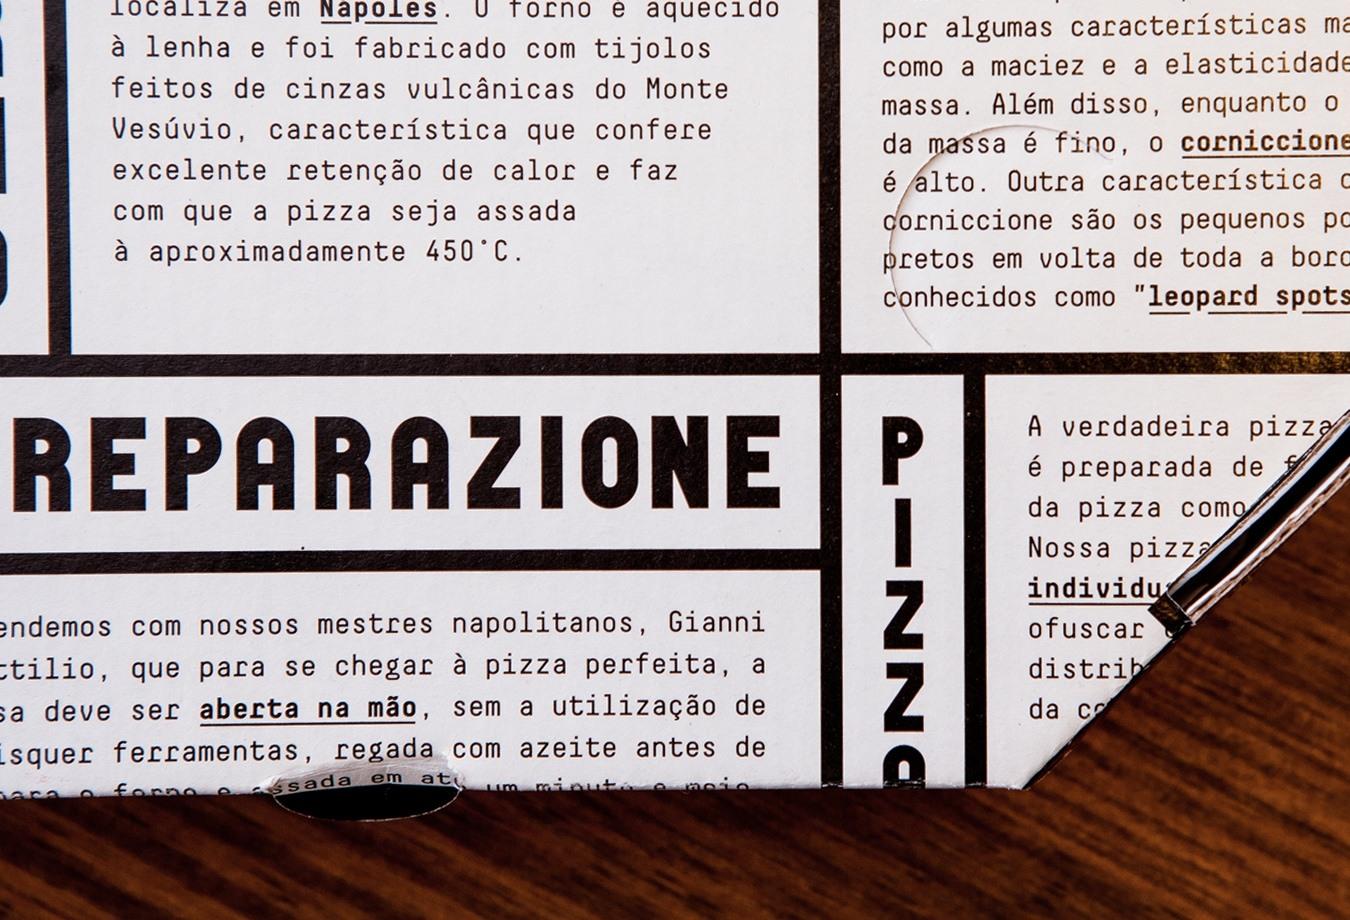 03-grazienapoli-visualidentity